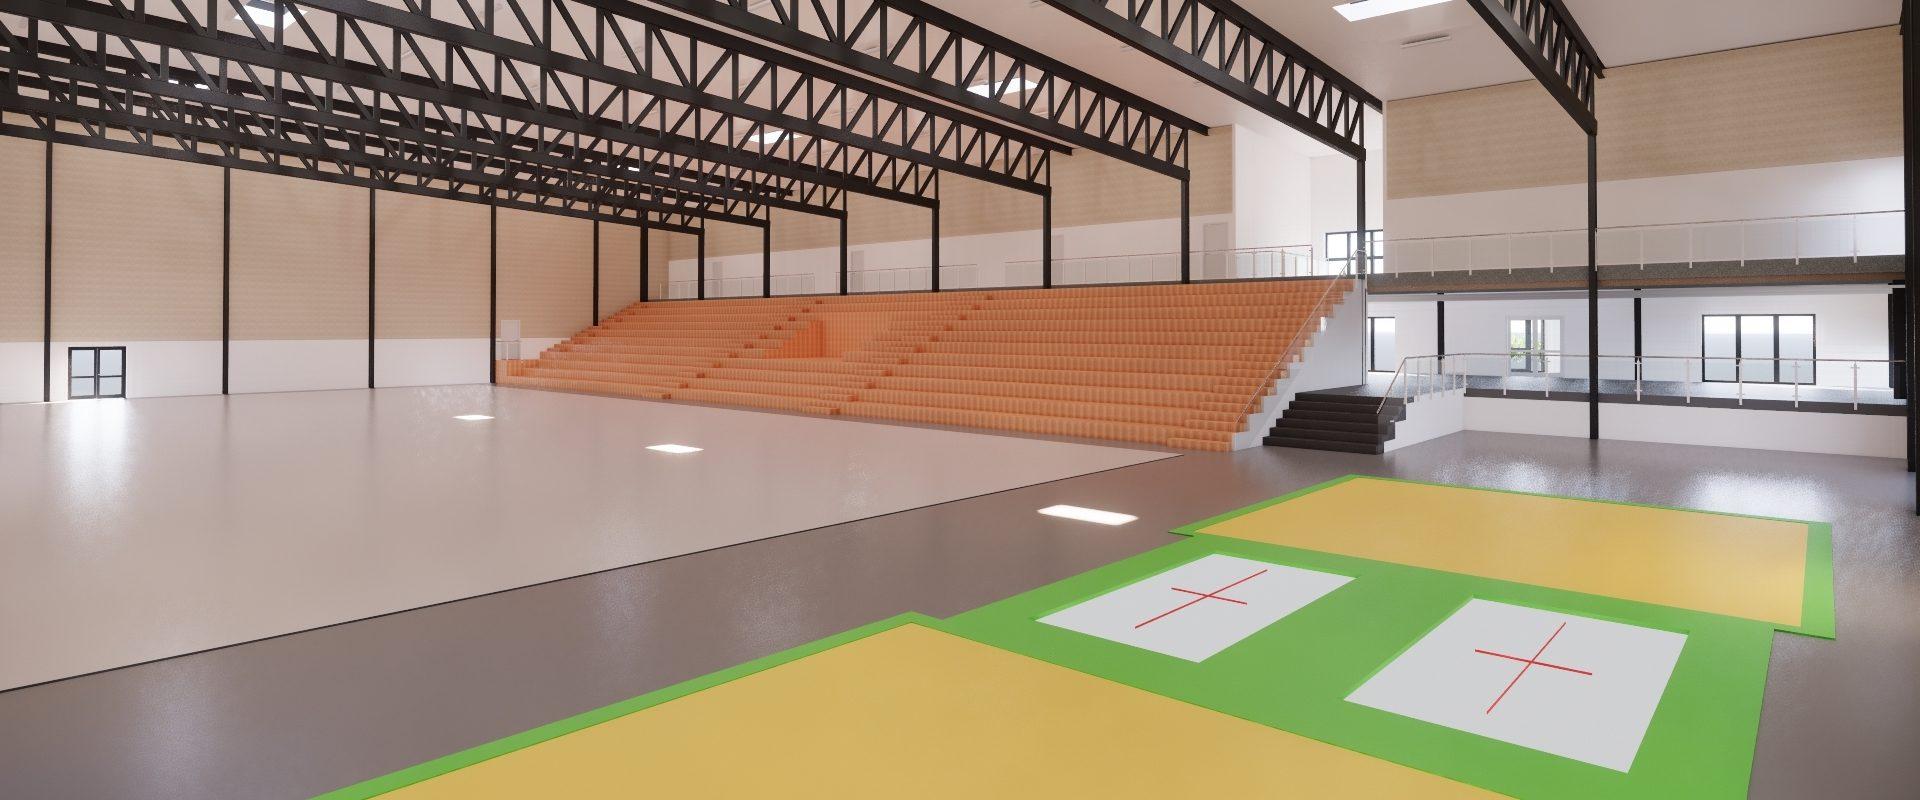 Opvisningscenter sorø